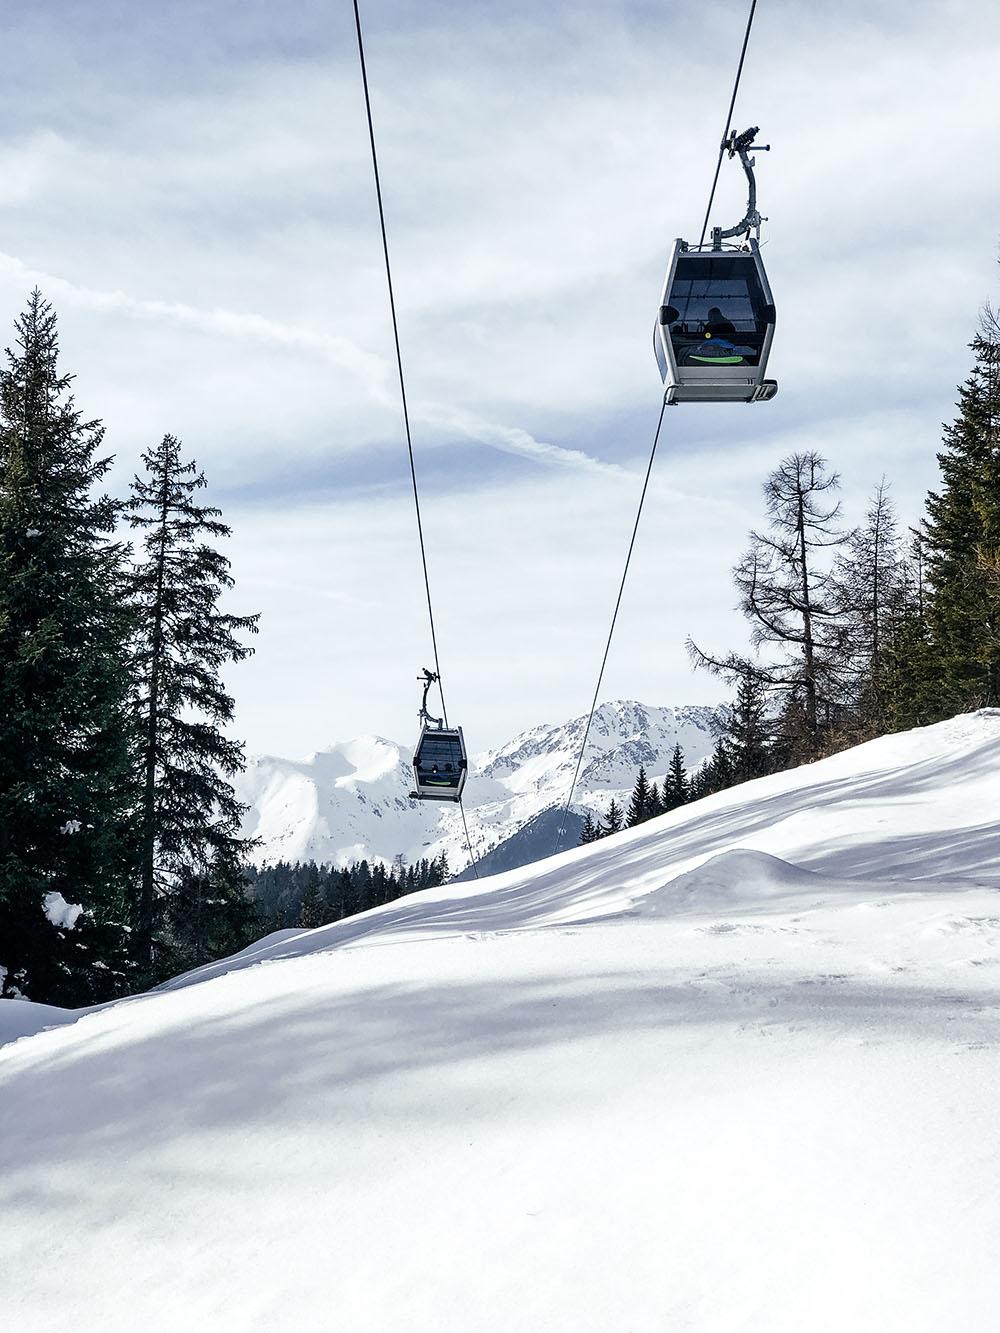 Skifahren in der Region Gitschberg-Jochtal, Südtirol - Meransen (Pustertal)